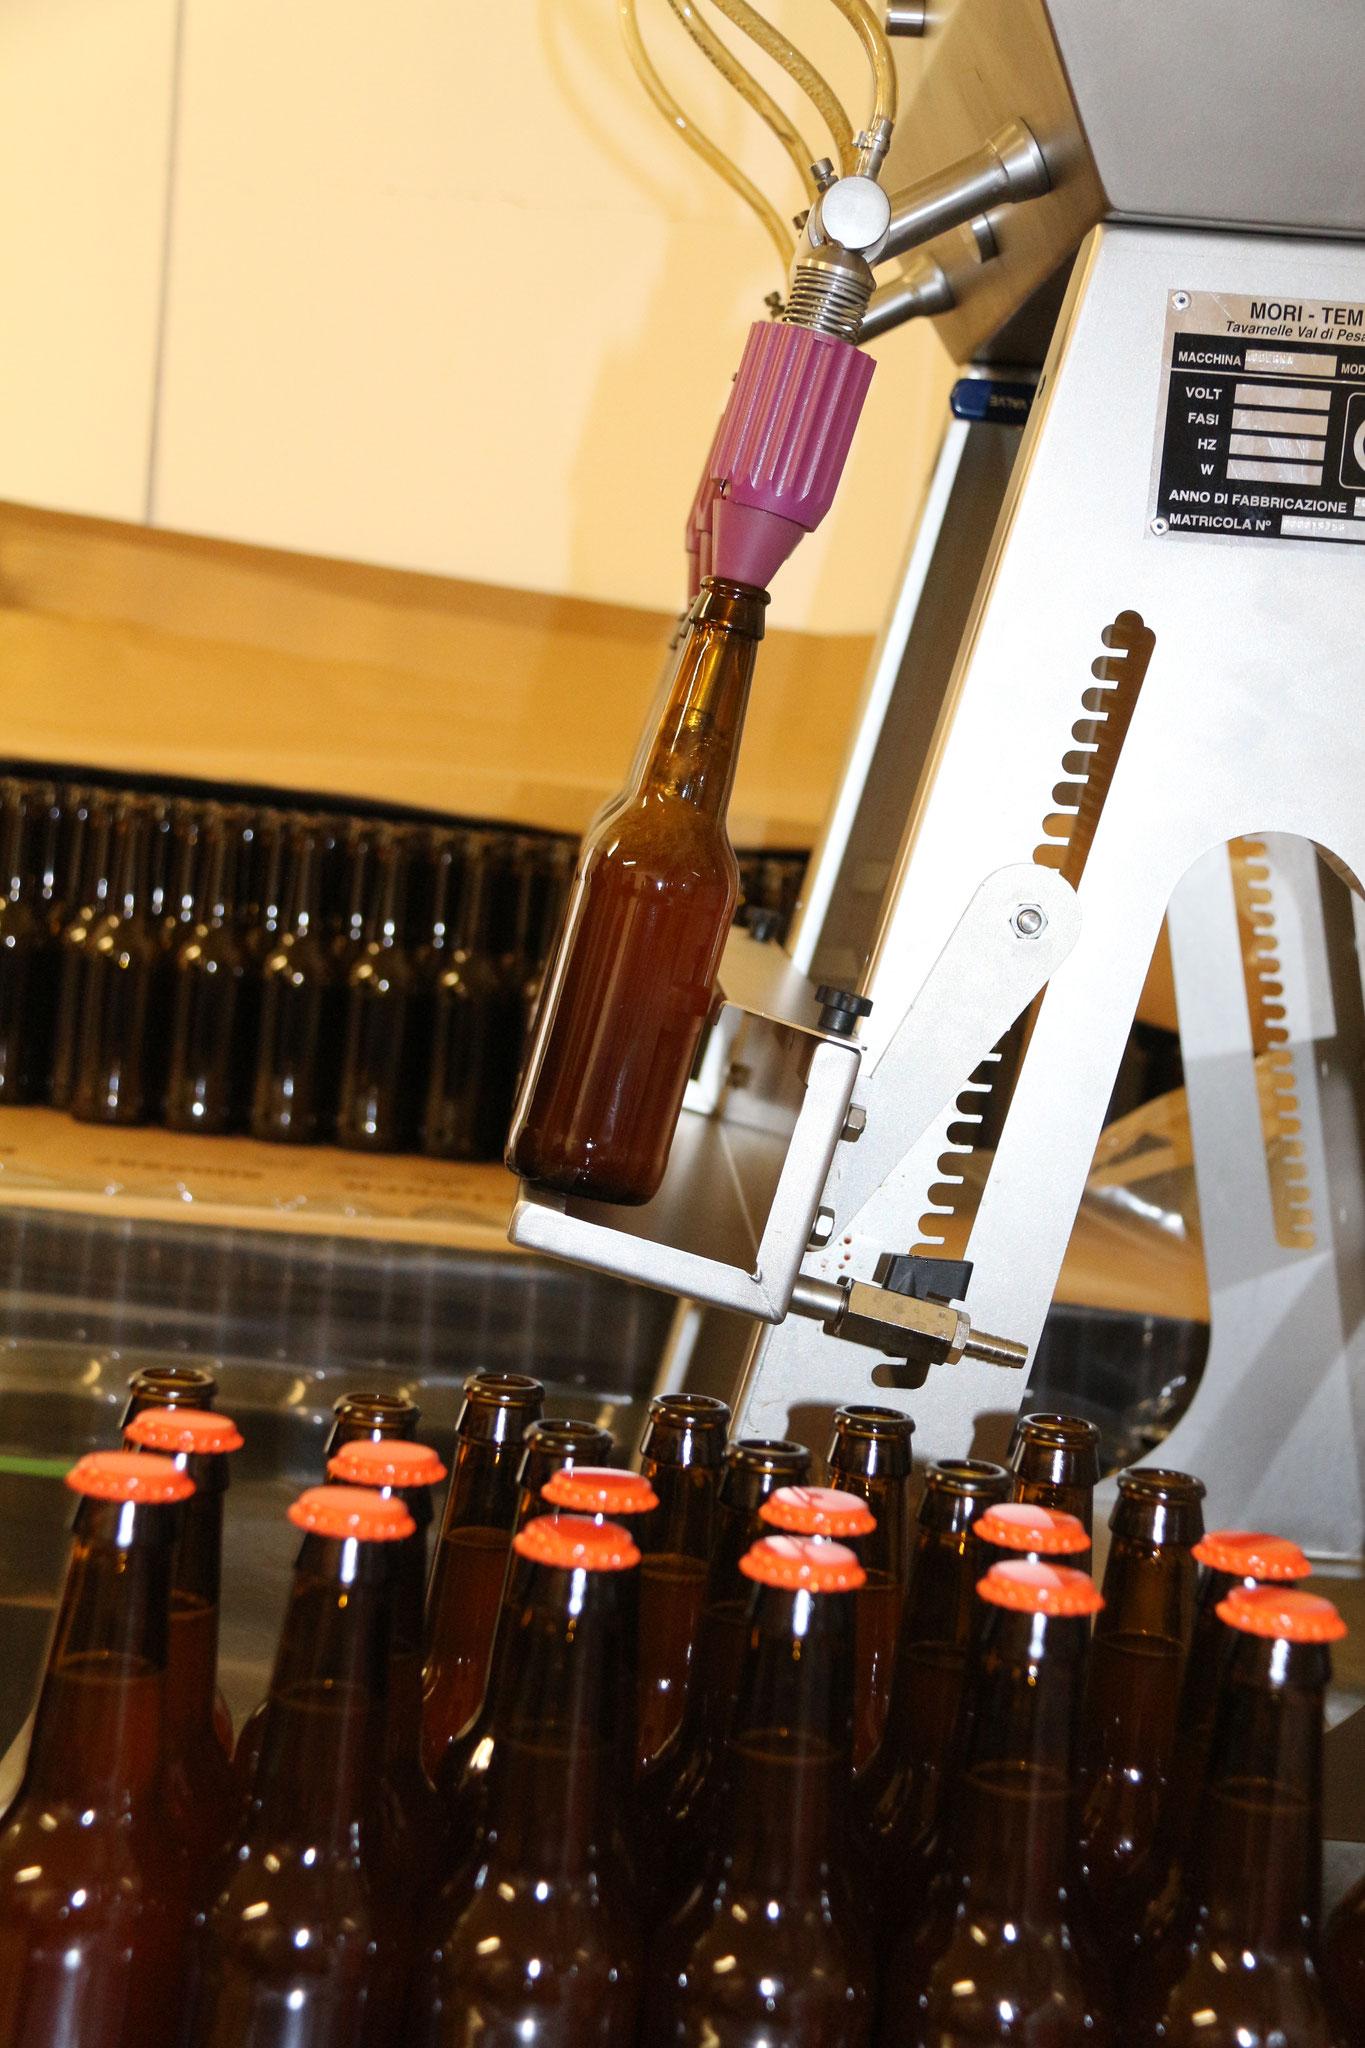 7 - Mise en bouteilles